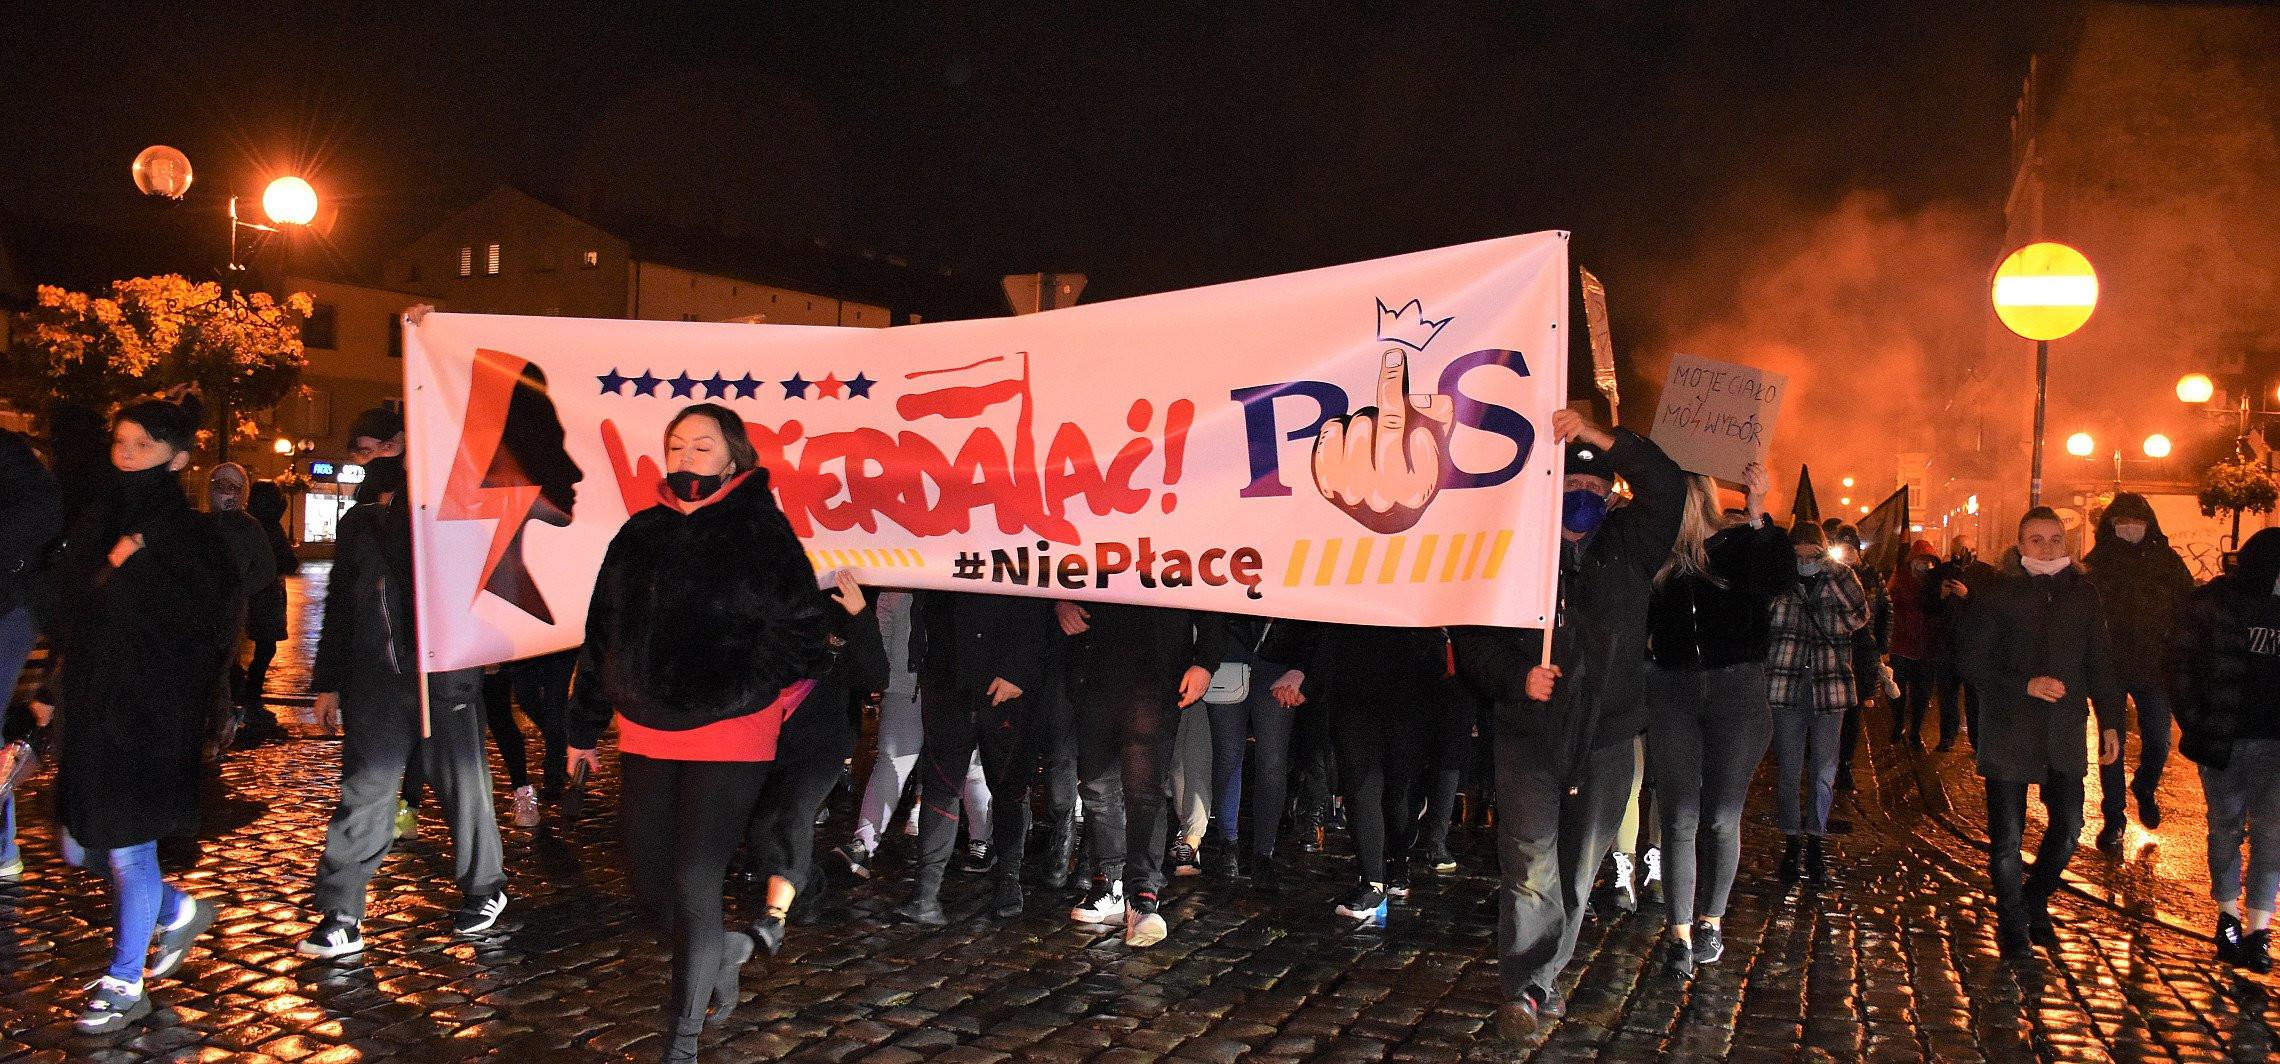 Inowrocław - Kilkaset osób manifestowało na ulicach Inowrocławia